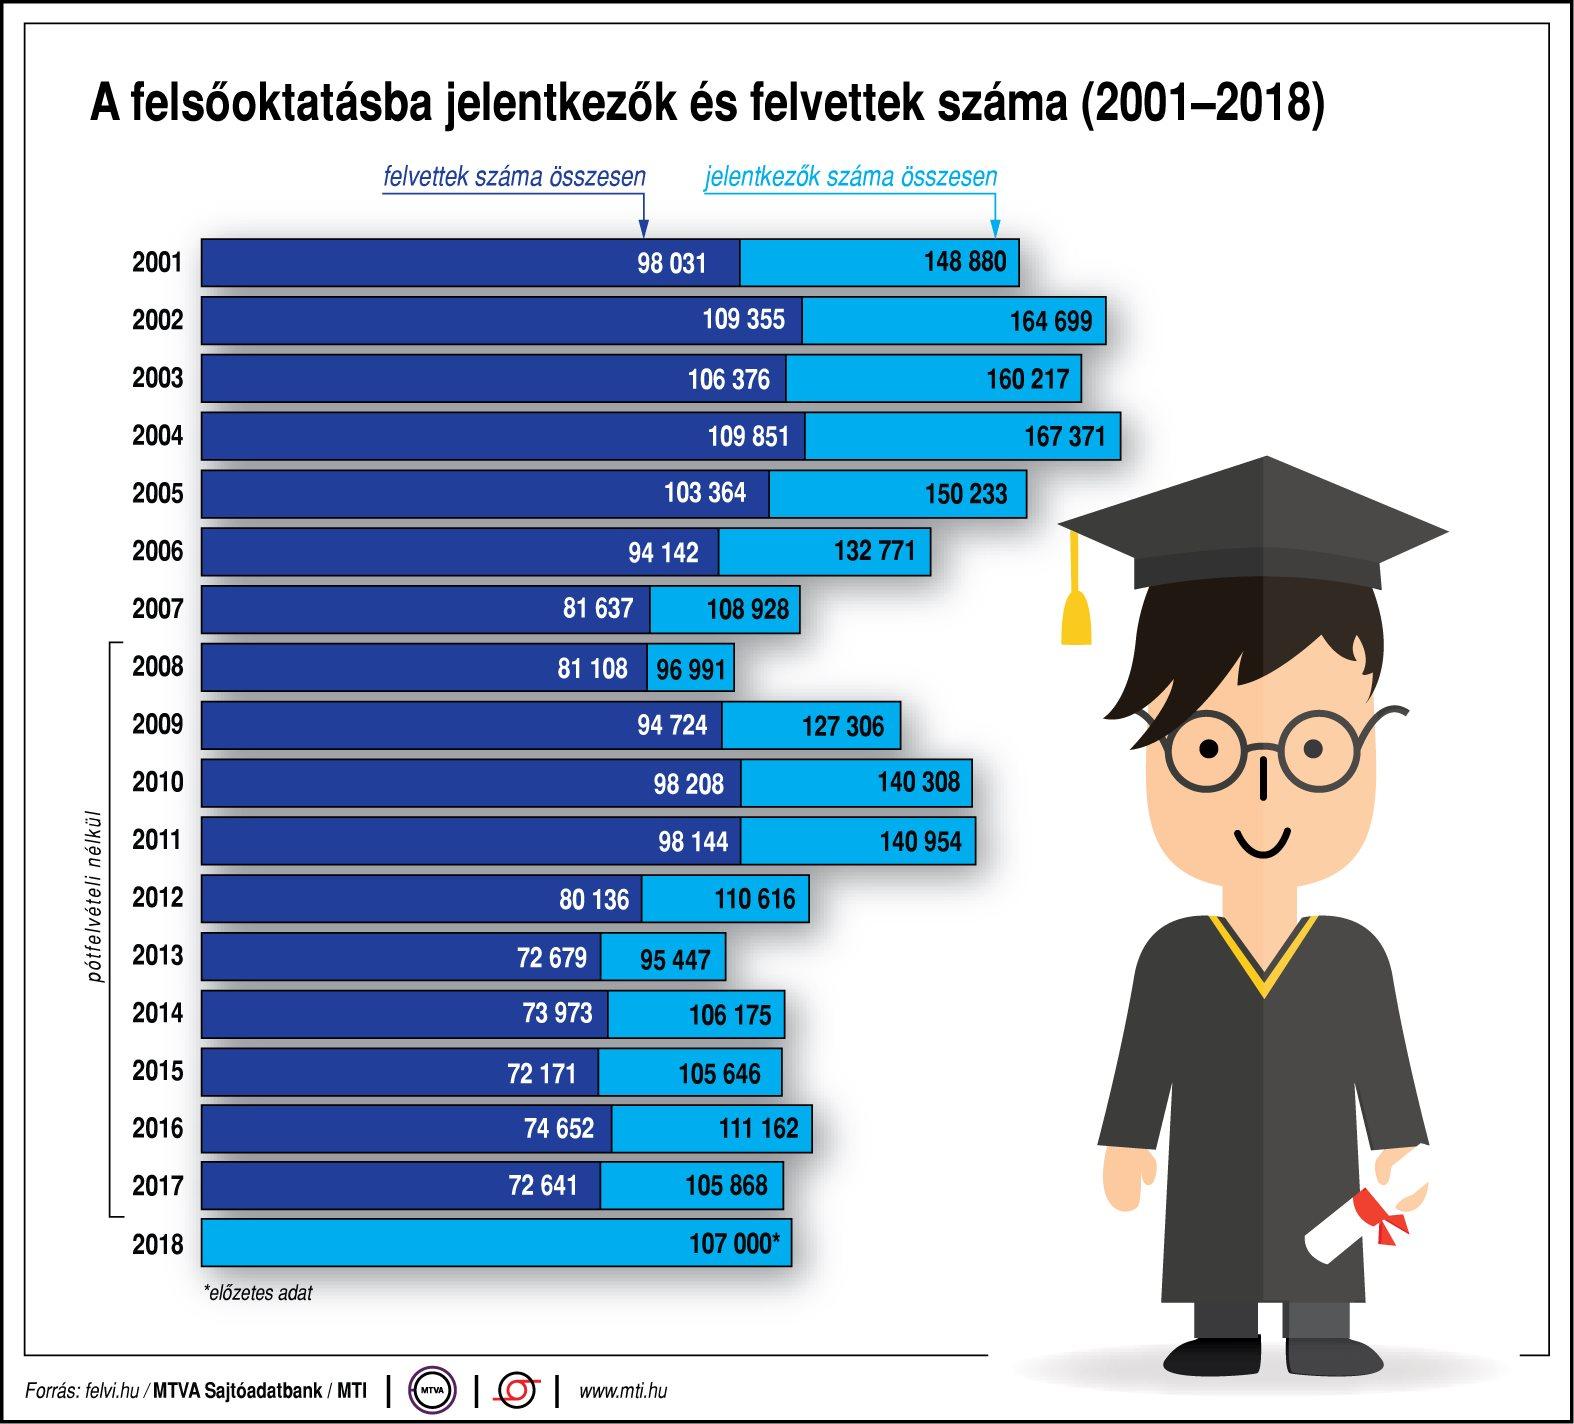 A felsőoktatásba jelentkezők és felvettek száma (2001-2018)